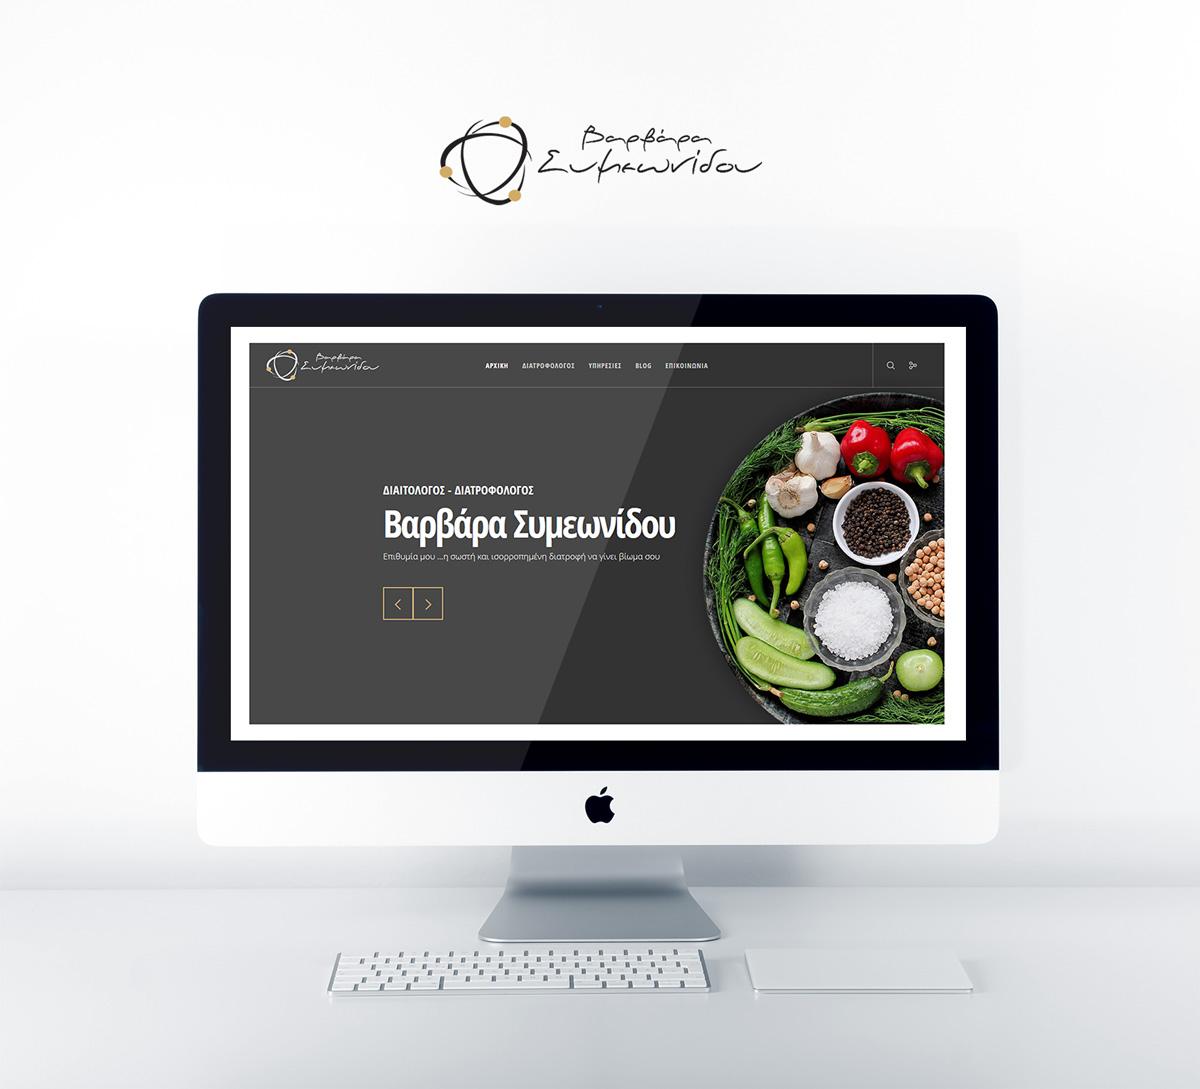 Κατασκευή Ιστοσελίδας για την διαιτολόγο - διατροφολόγο Βαρβάρα Συμεωνίδου στη Λάρισα.